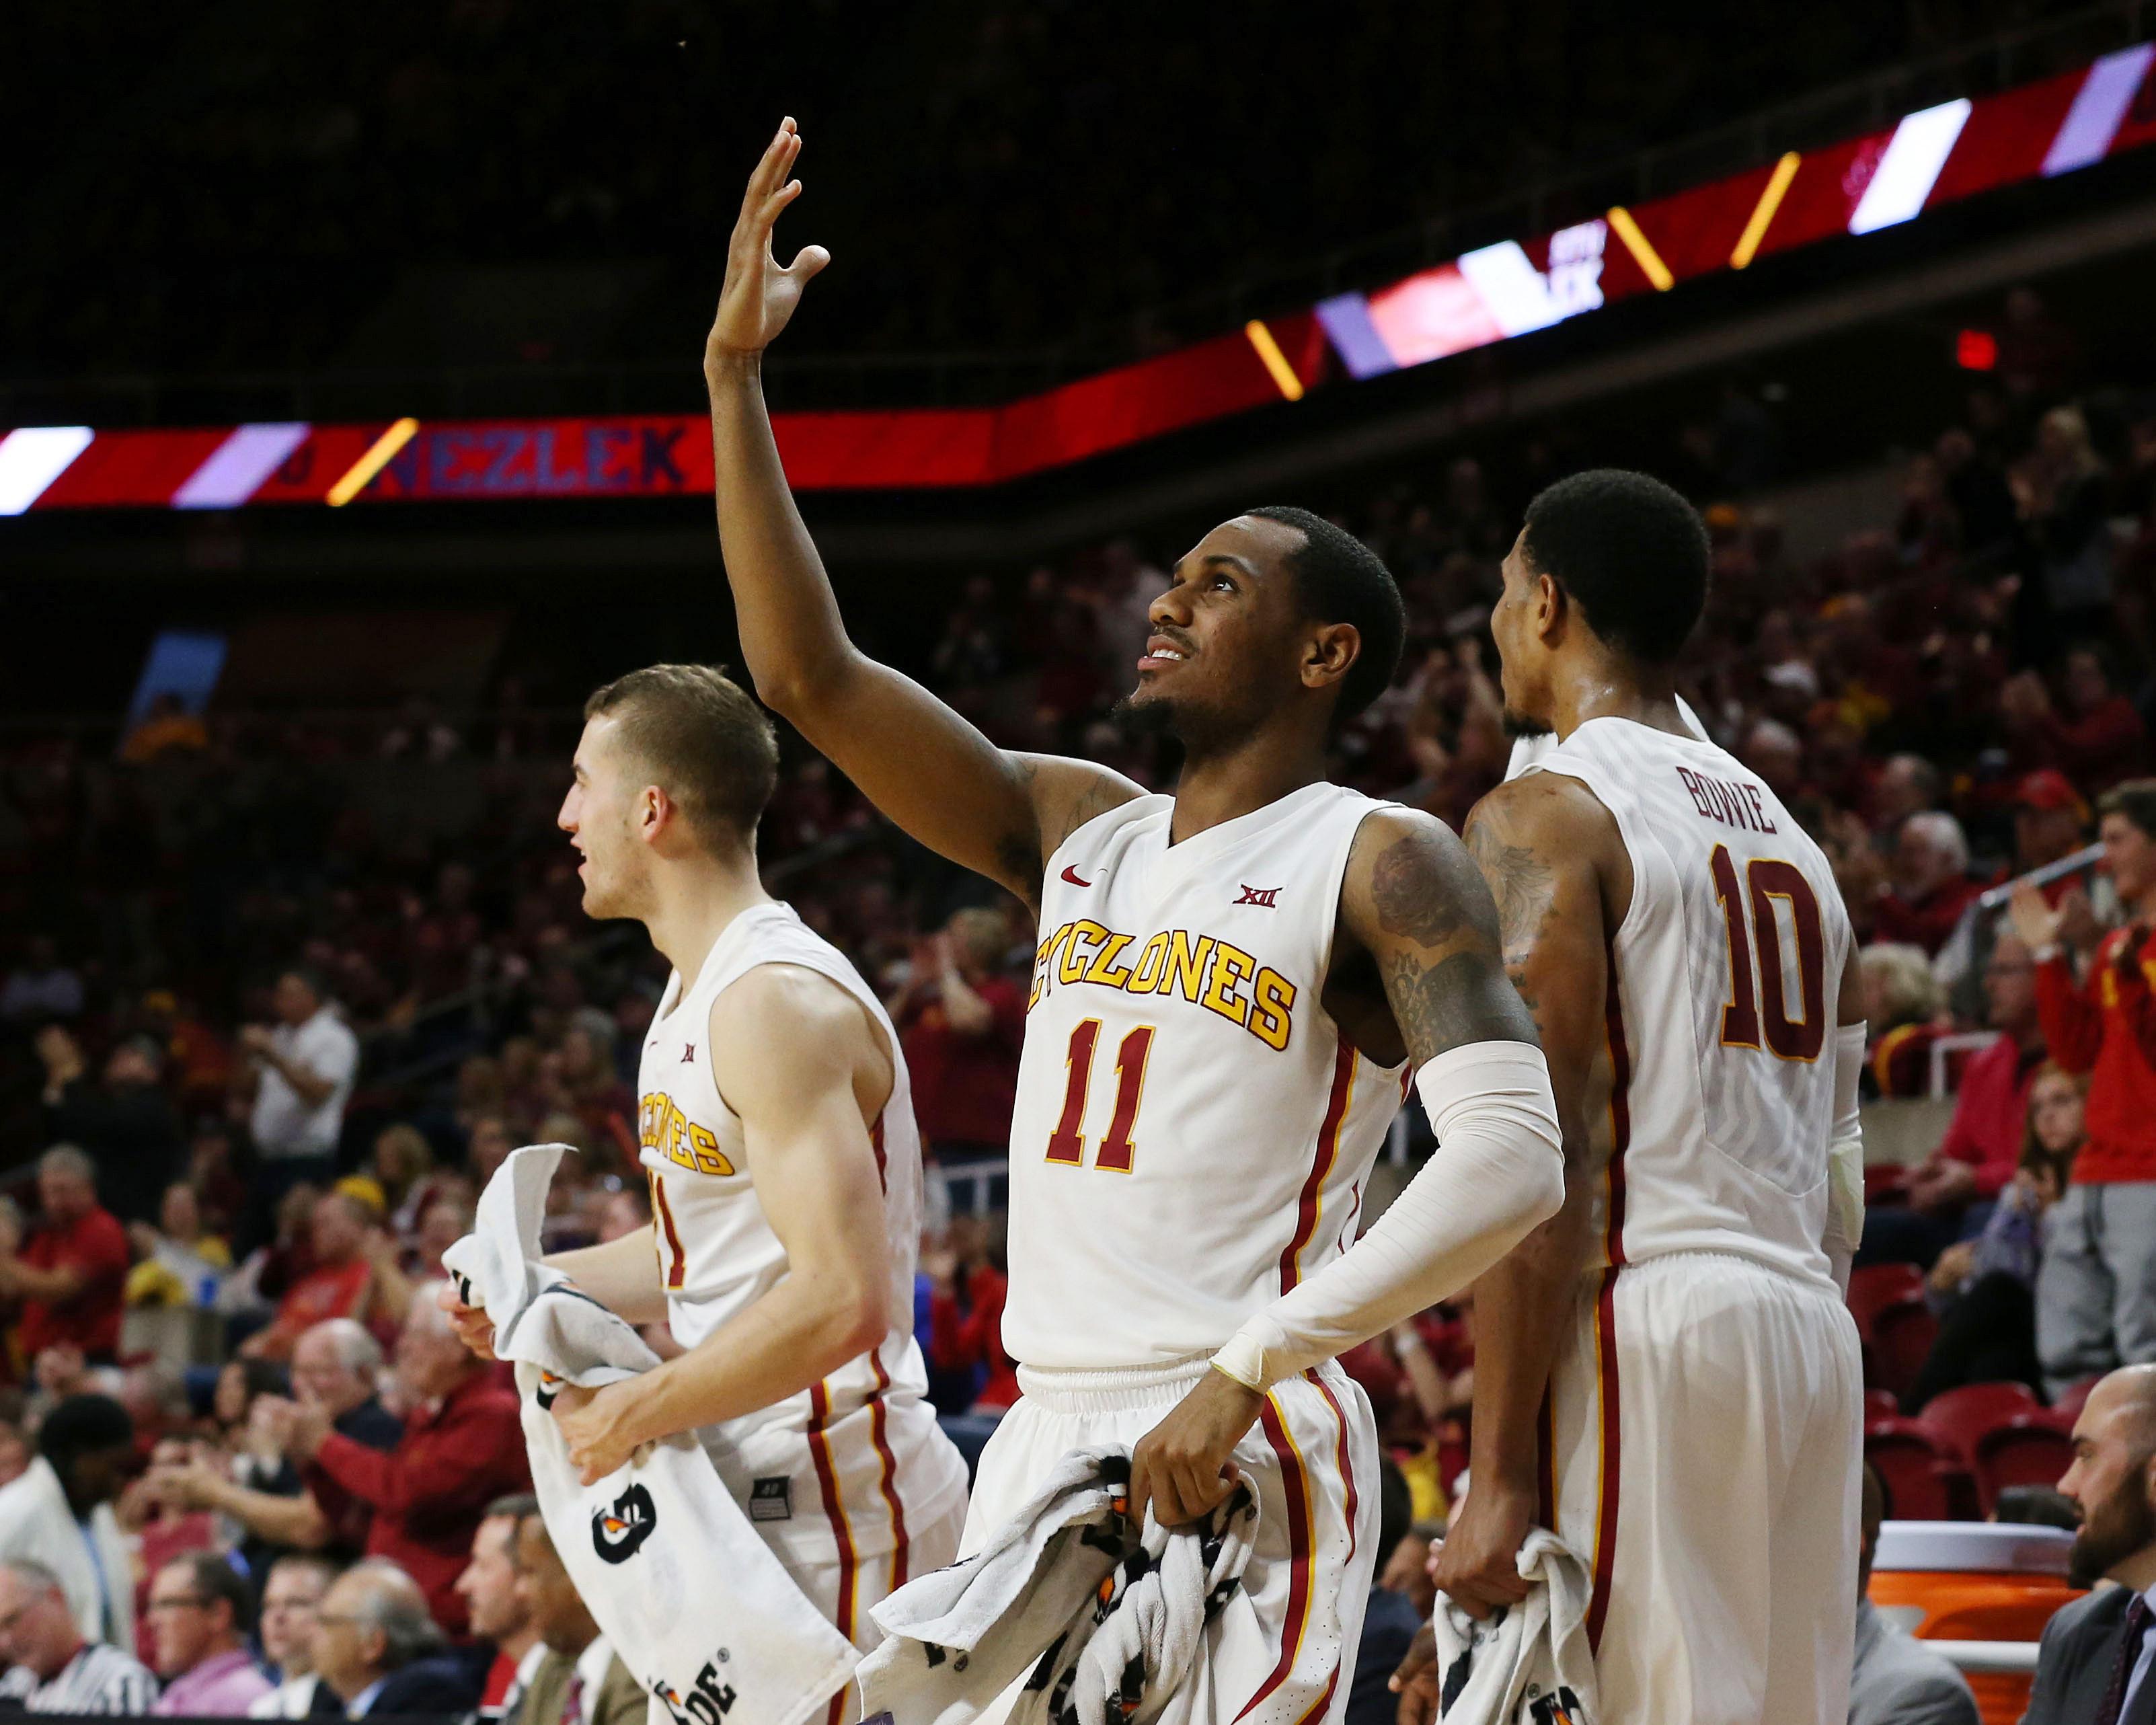 NCAA Basketball: Citadel at Iowa State